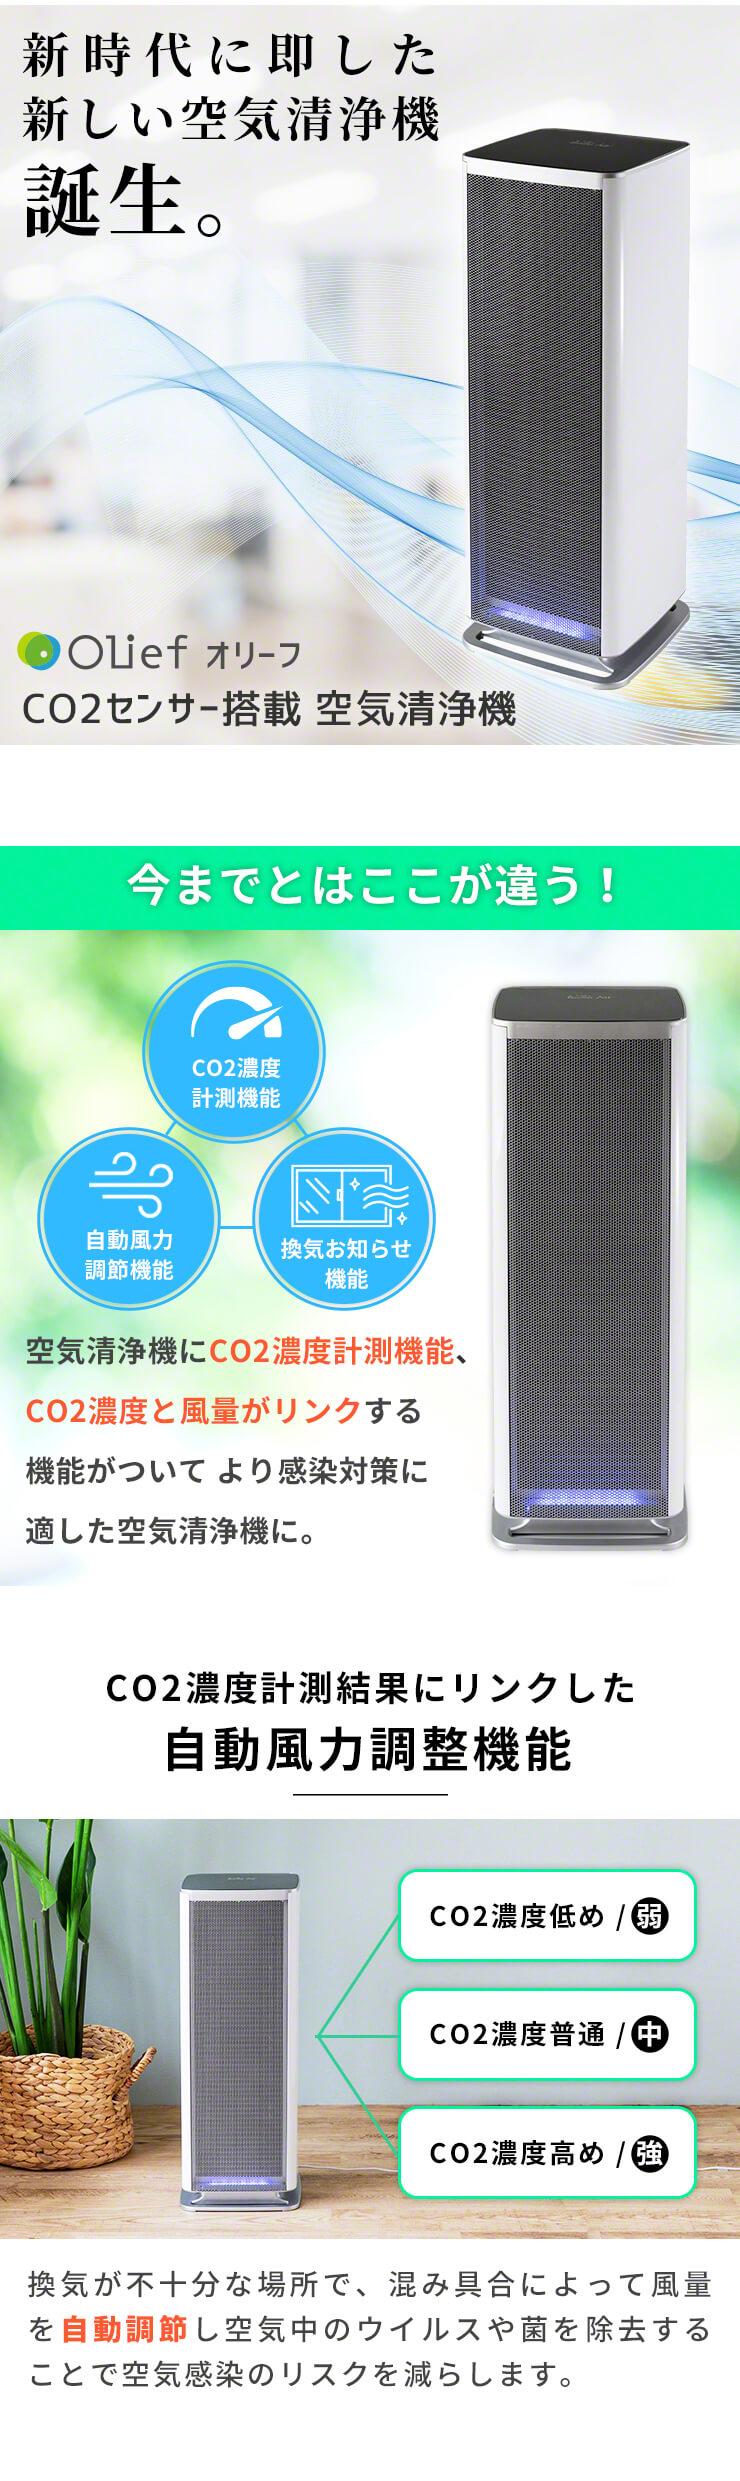 ウイルス対策 空気清浄機